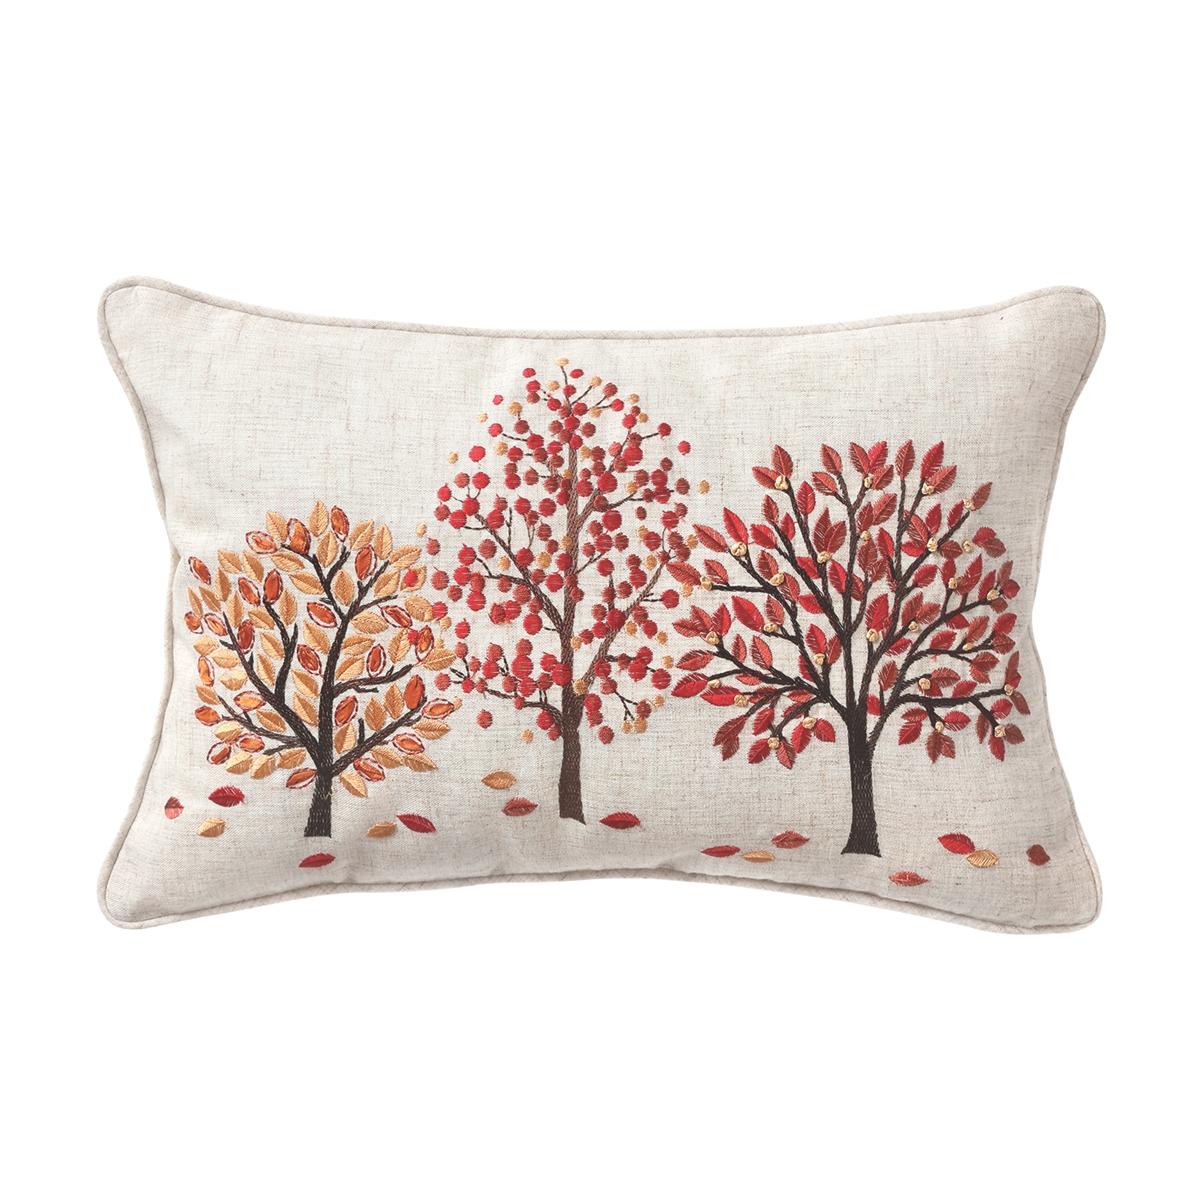 Autumn Forest Pillow